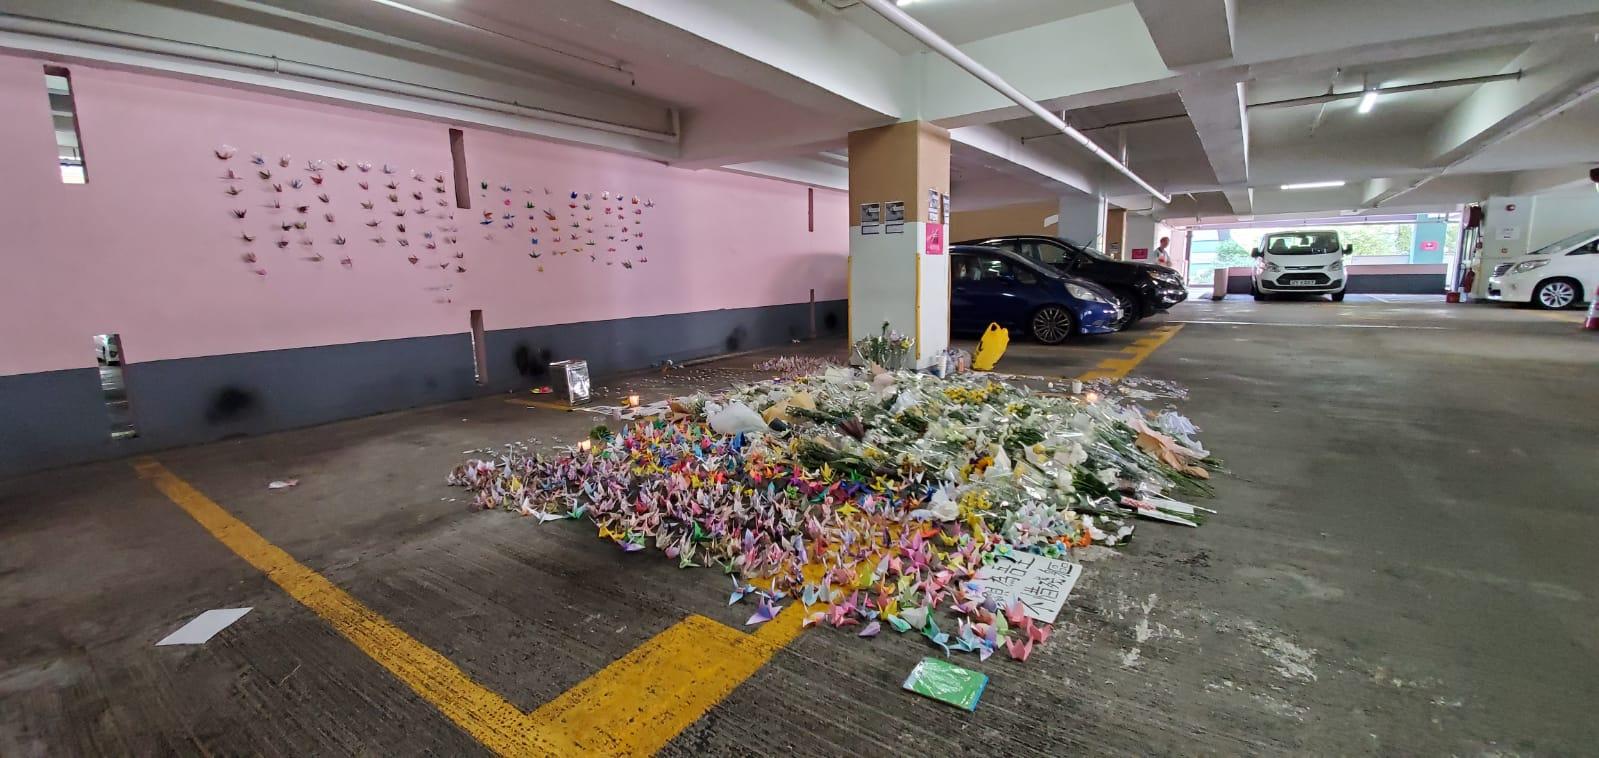 事發於尚德停車場。